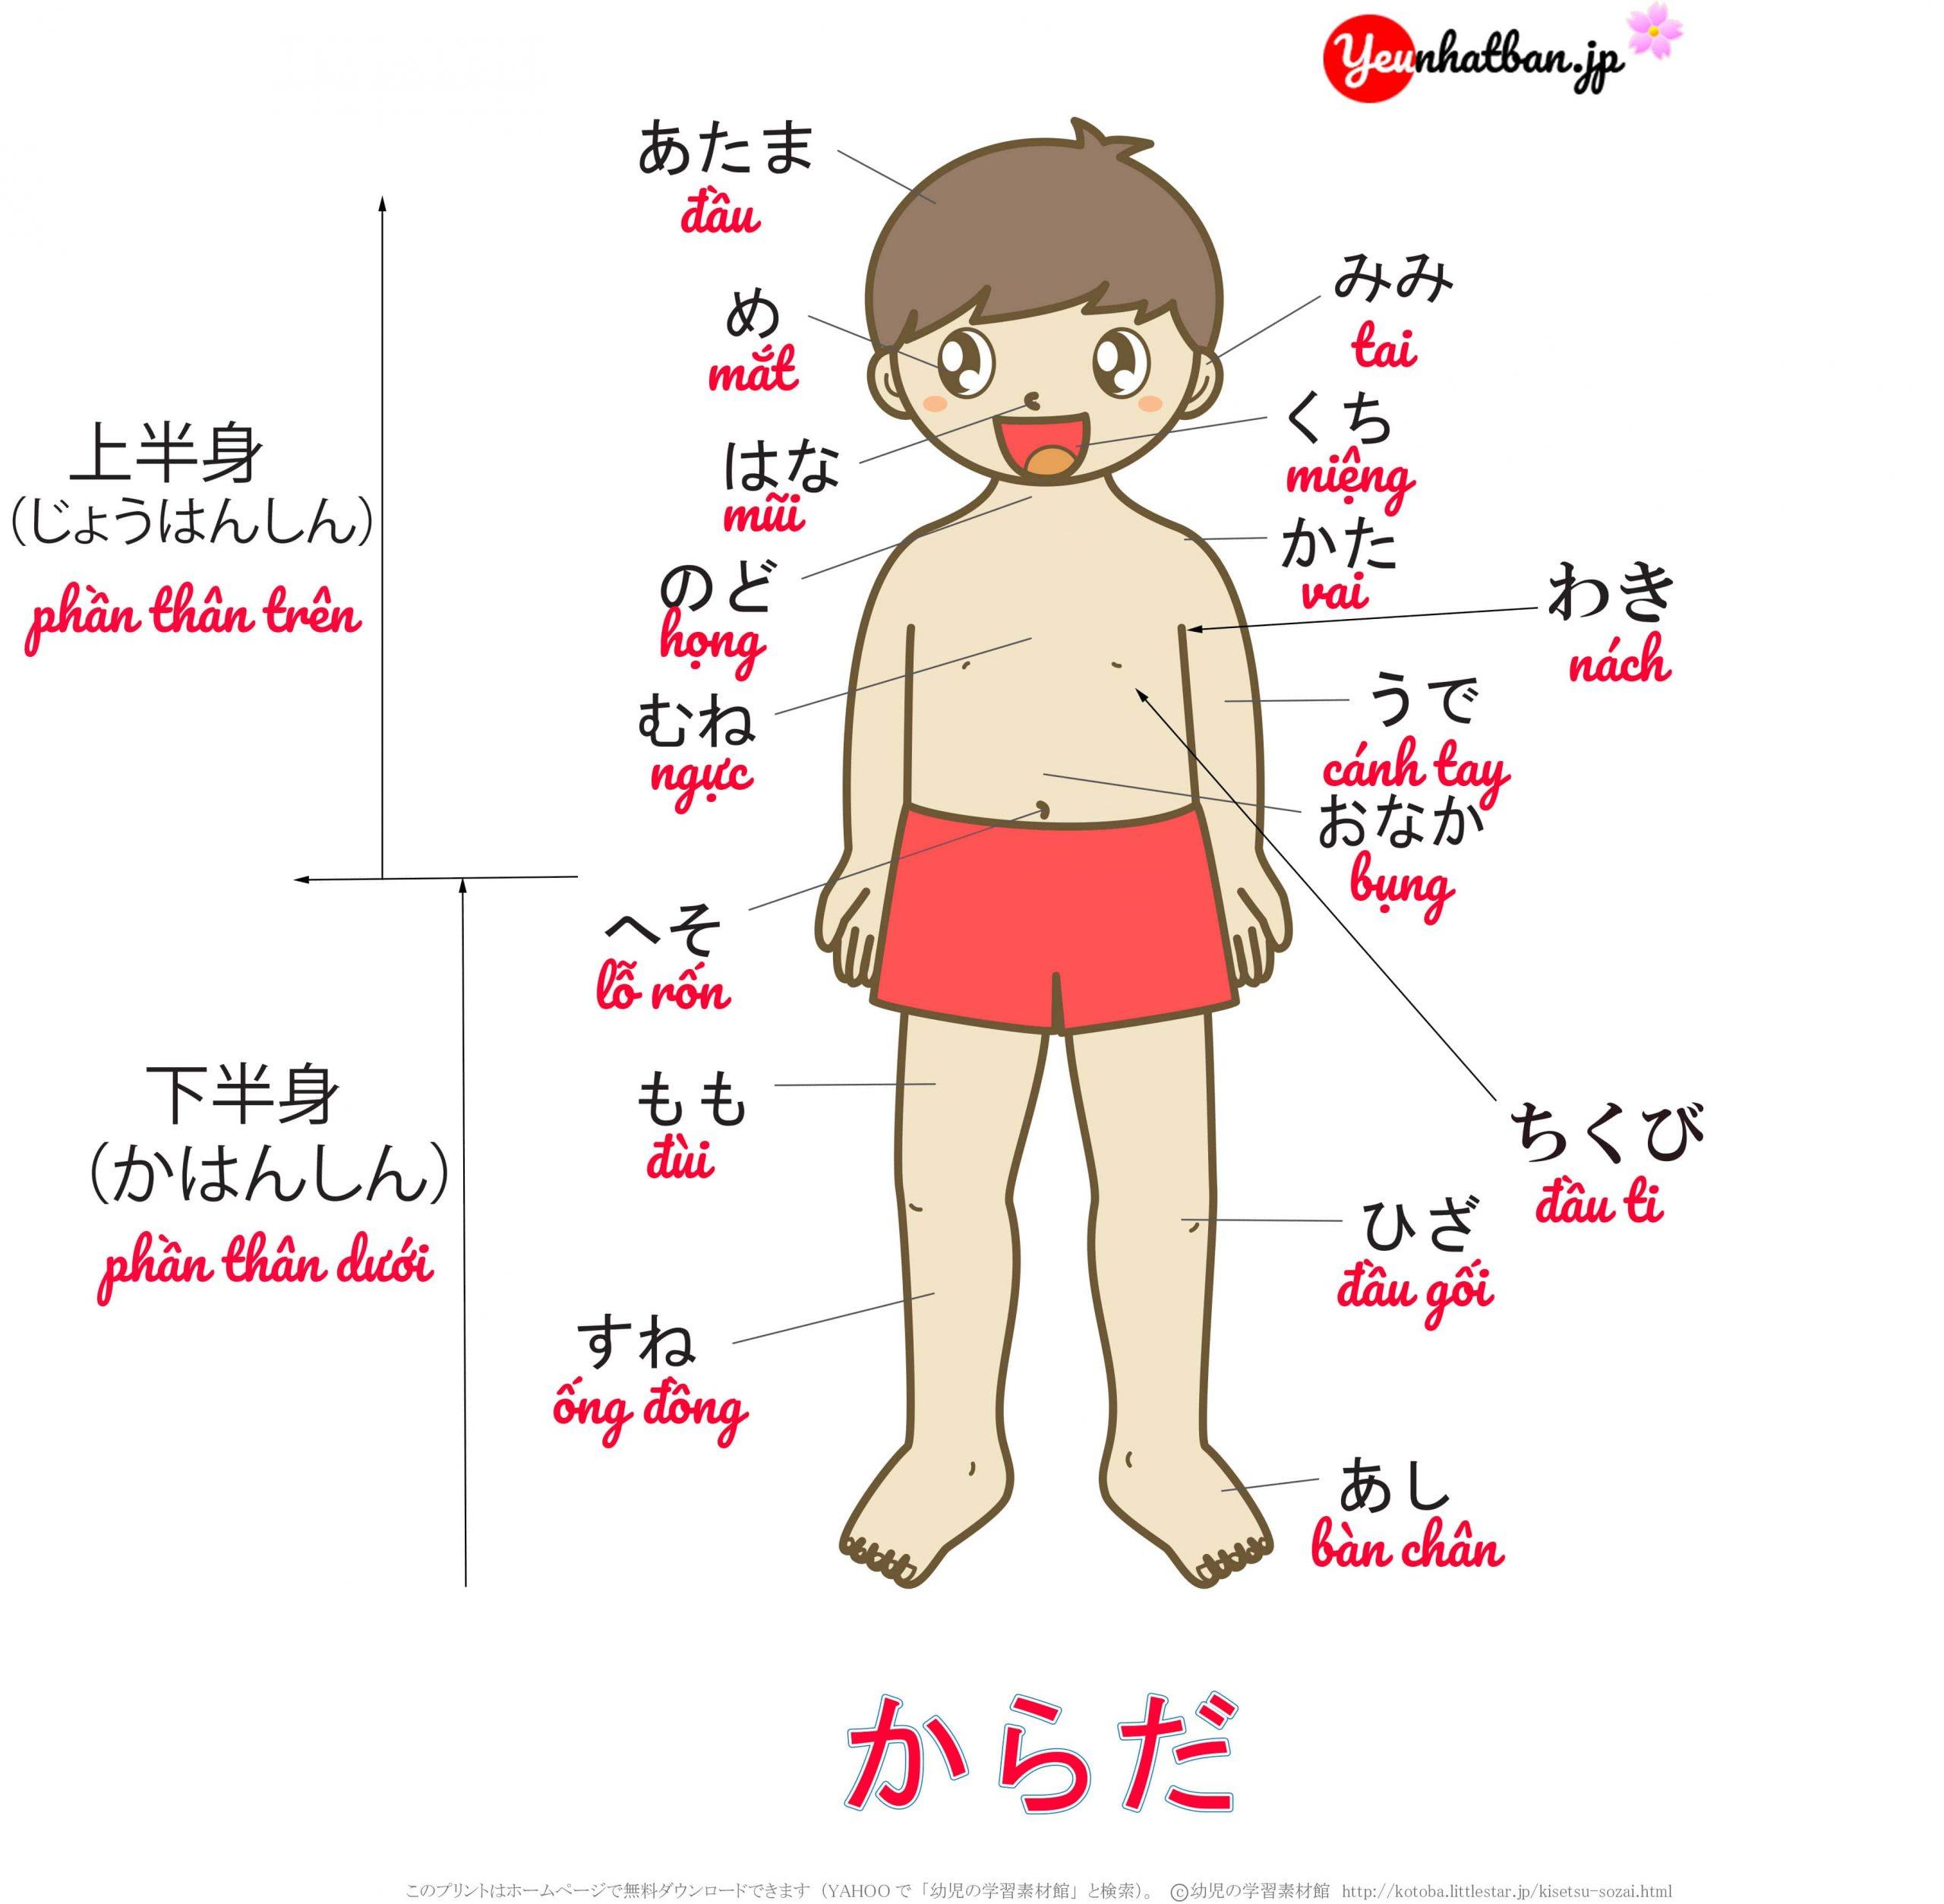 [Bí kíp] Học từ vựng tiếng Nhật nhớ cực lâu